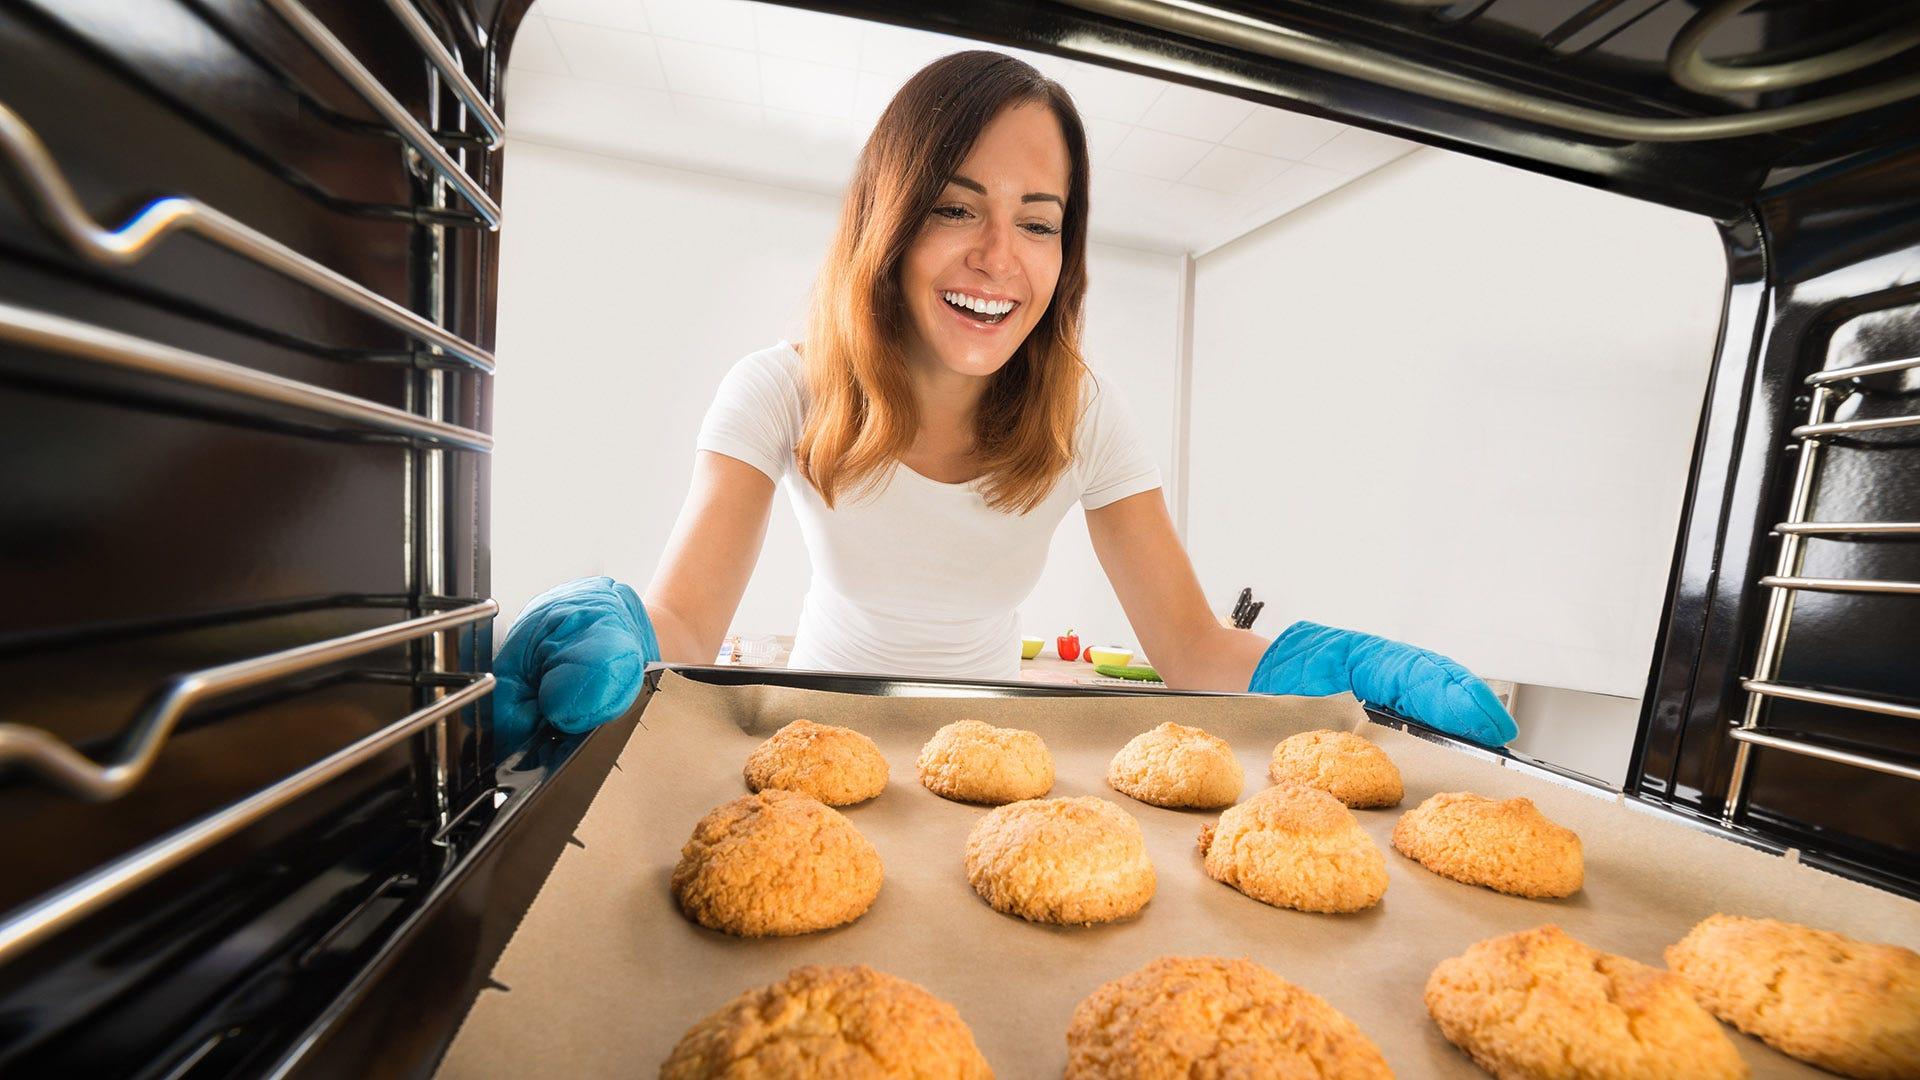 Alles, was Sie brauchen, um köstliche Kuchen, Kekse und mehr zu backen